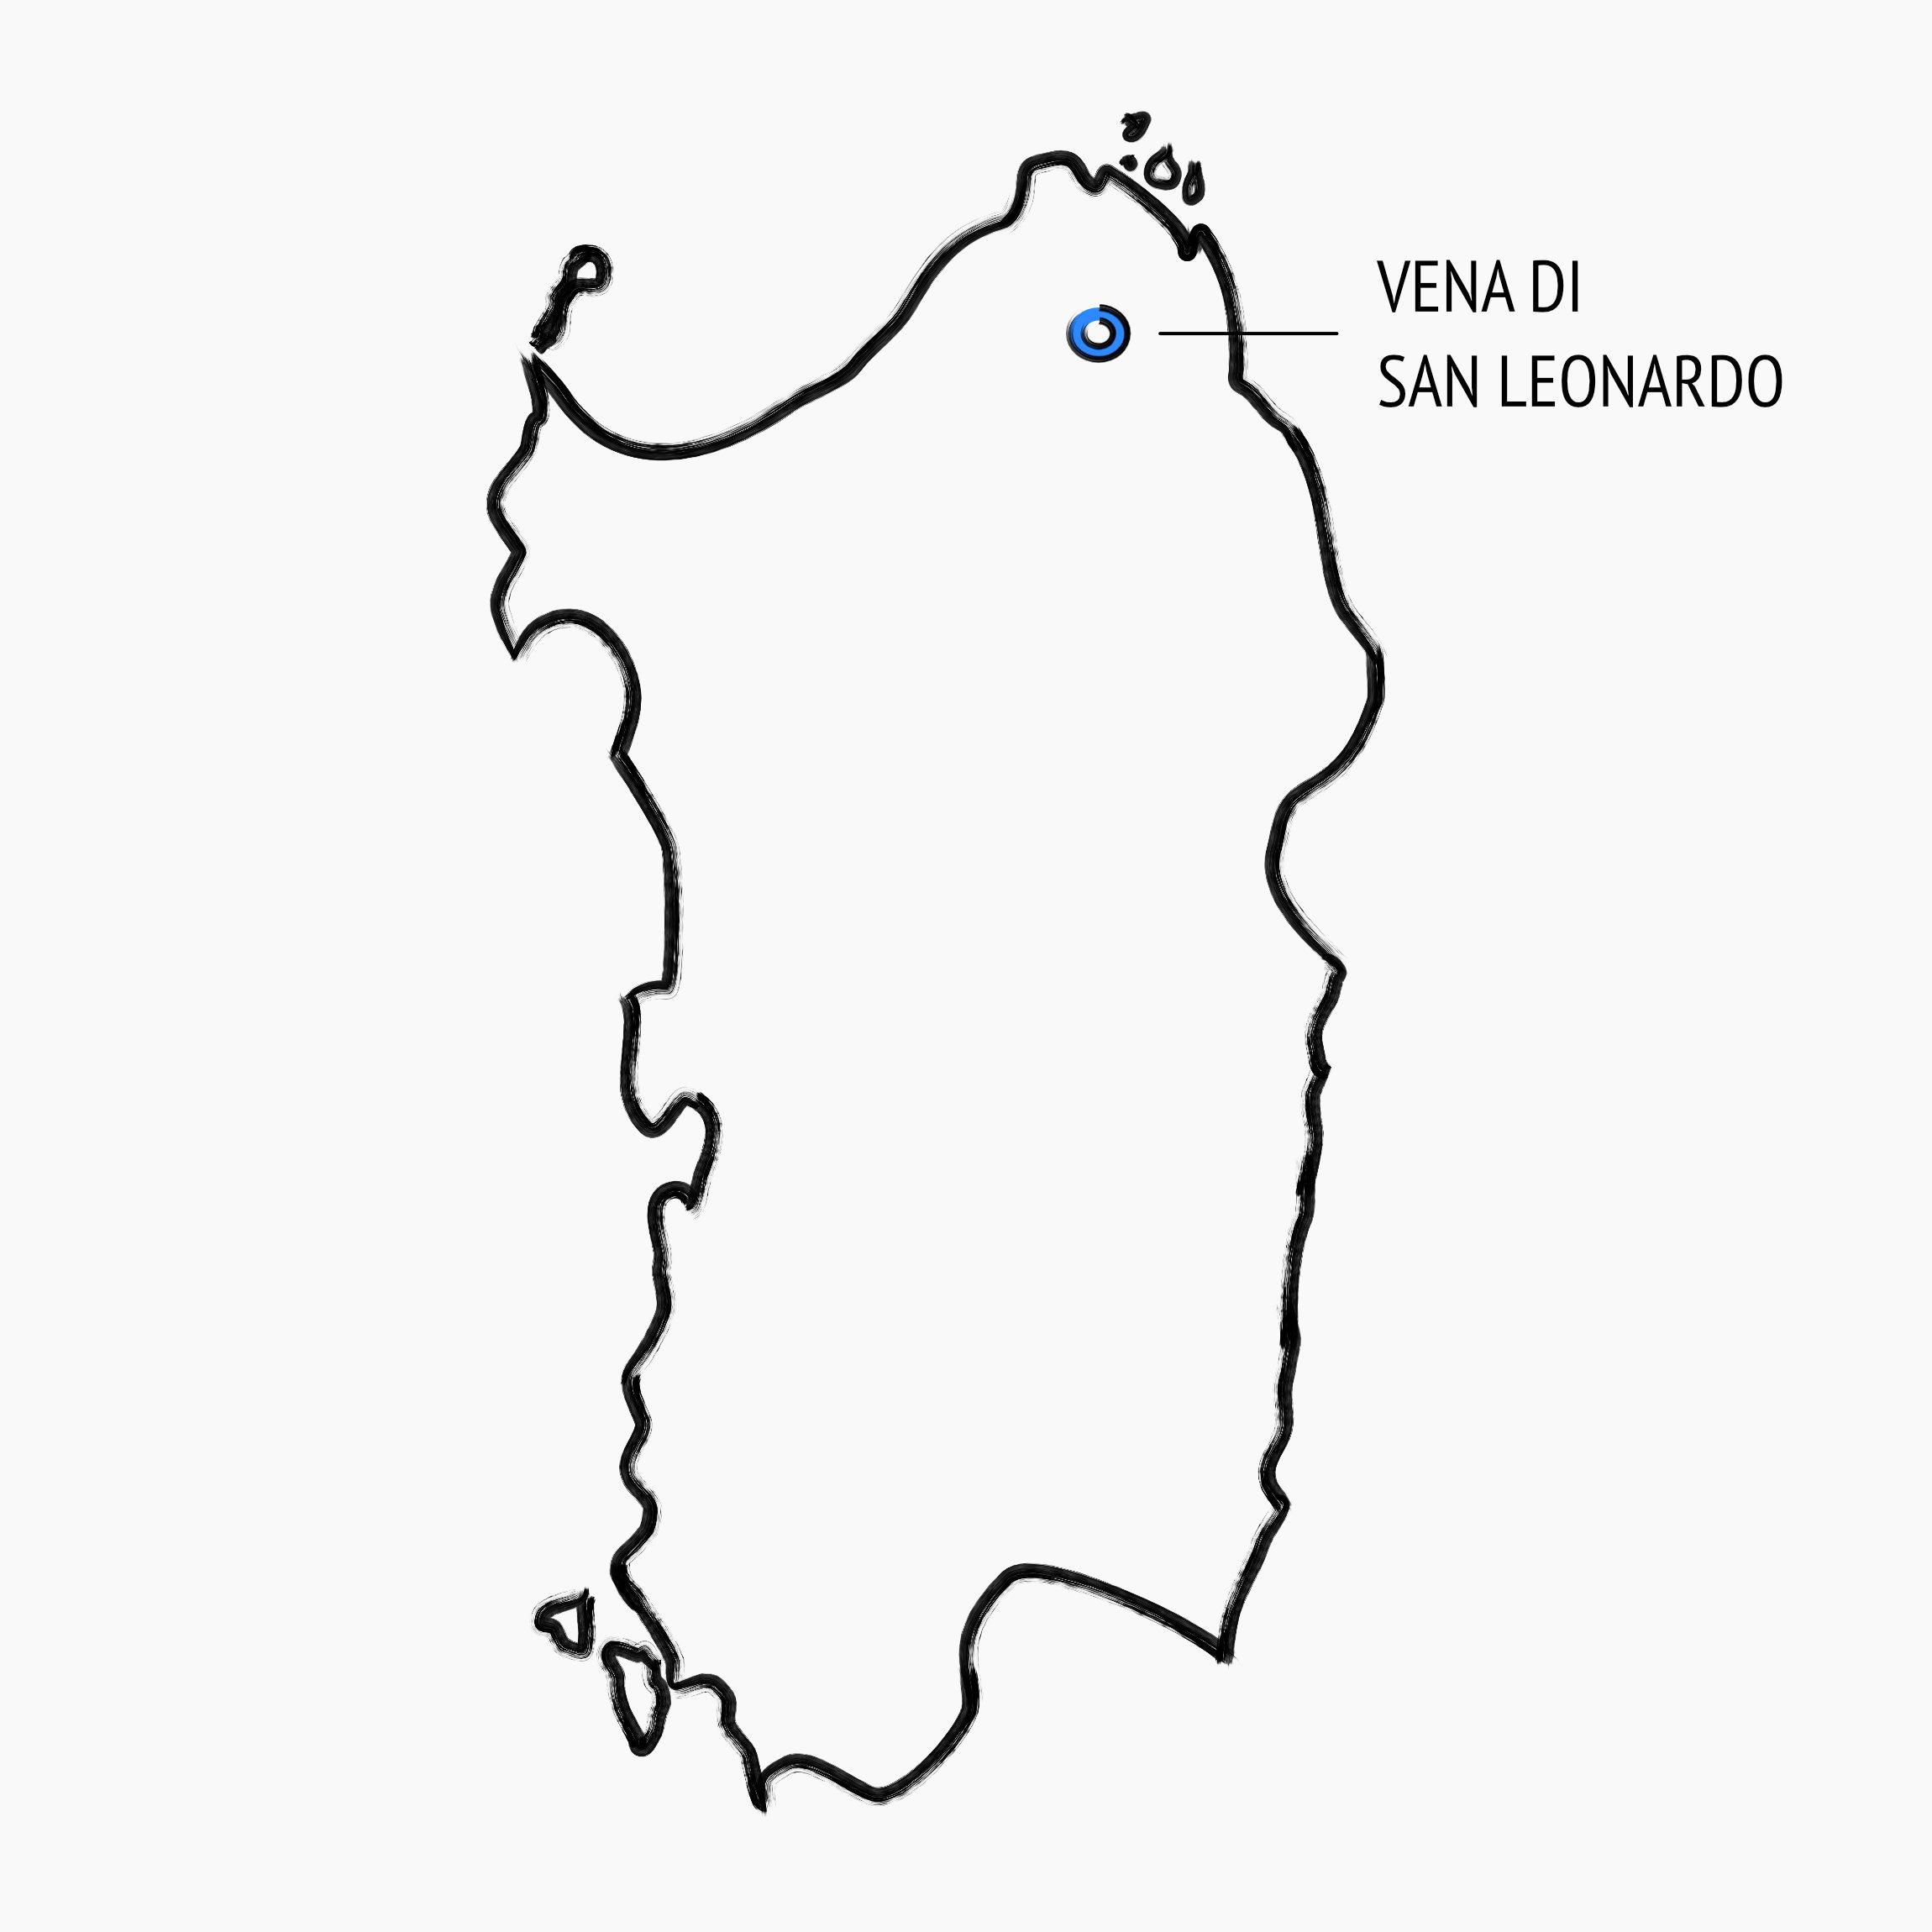 posizione sulla mappa della Sardegna della vena di San Leonardo, zona di produzione del nostro vermentino, nei pressi di Sant'Antonio di Gallura